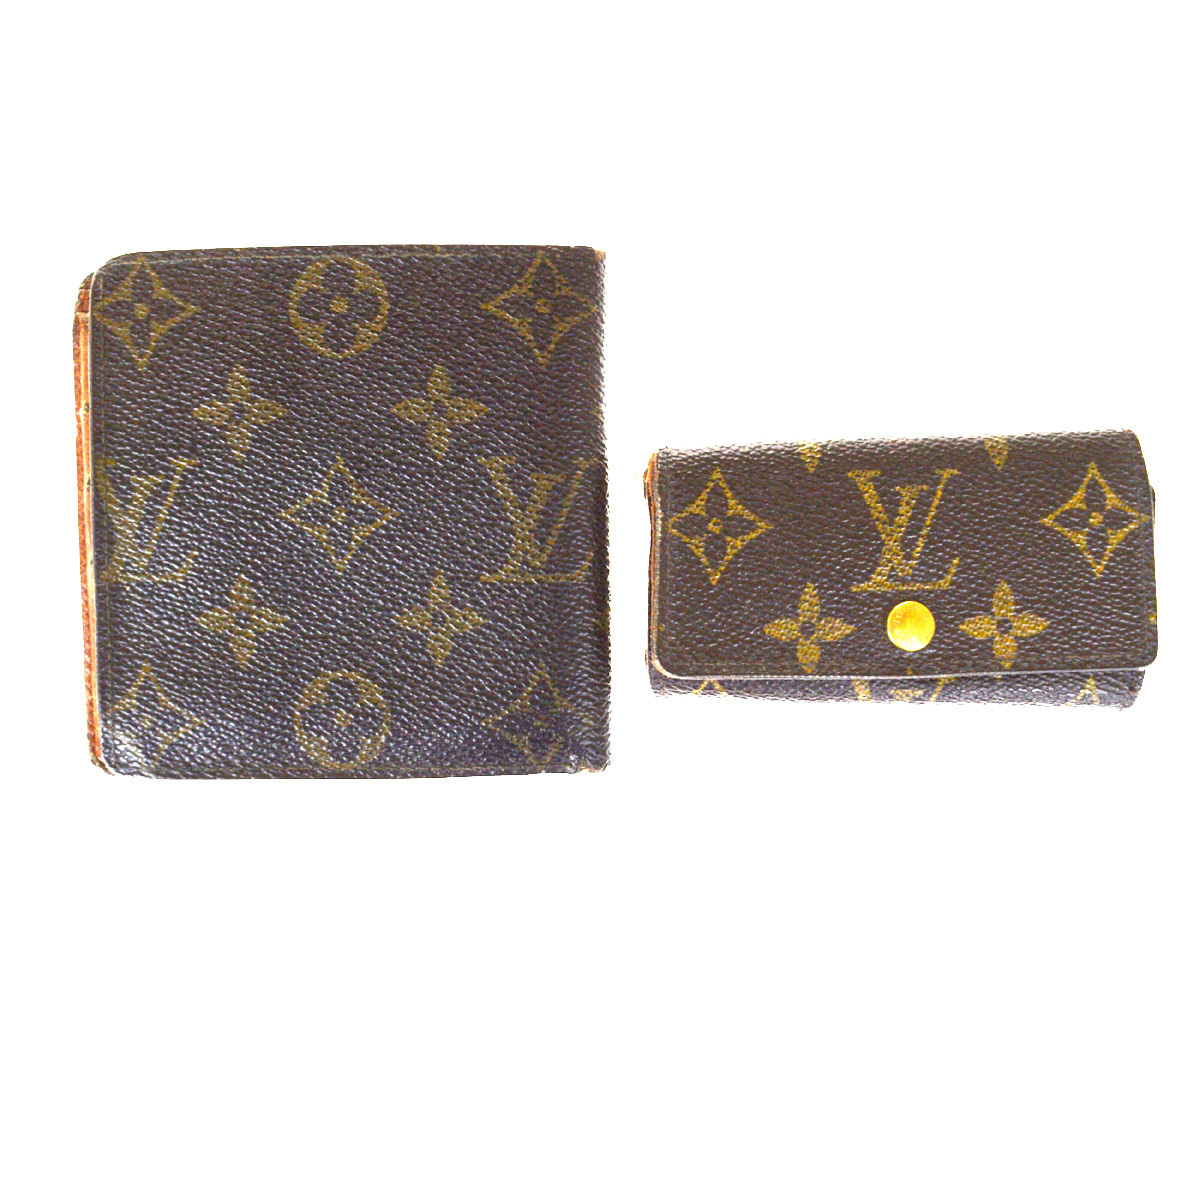 【中古】 ルイ・ヴィトン(Louis Vuitton) モノグラム 2セット 財布 モノグラム キーケース モノグラム 06FA459